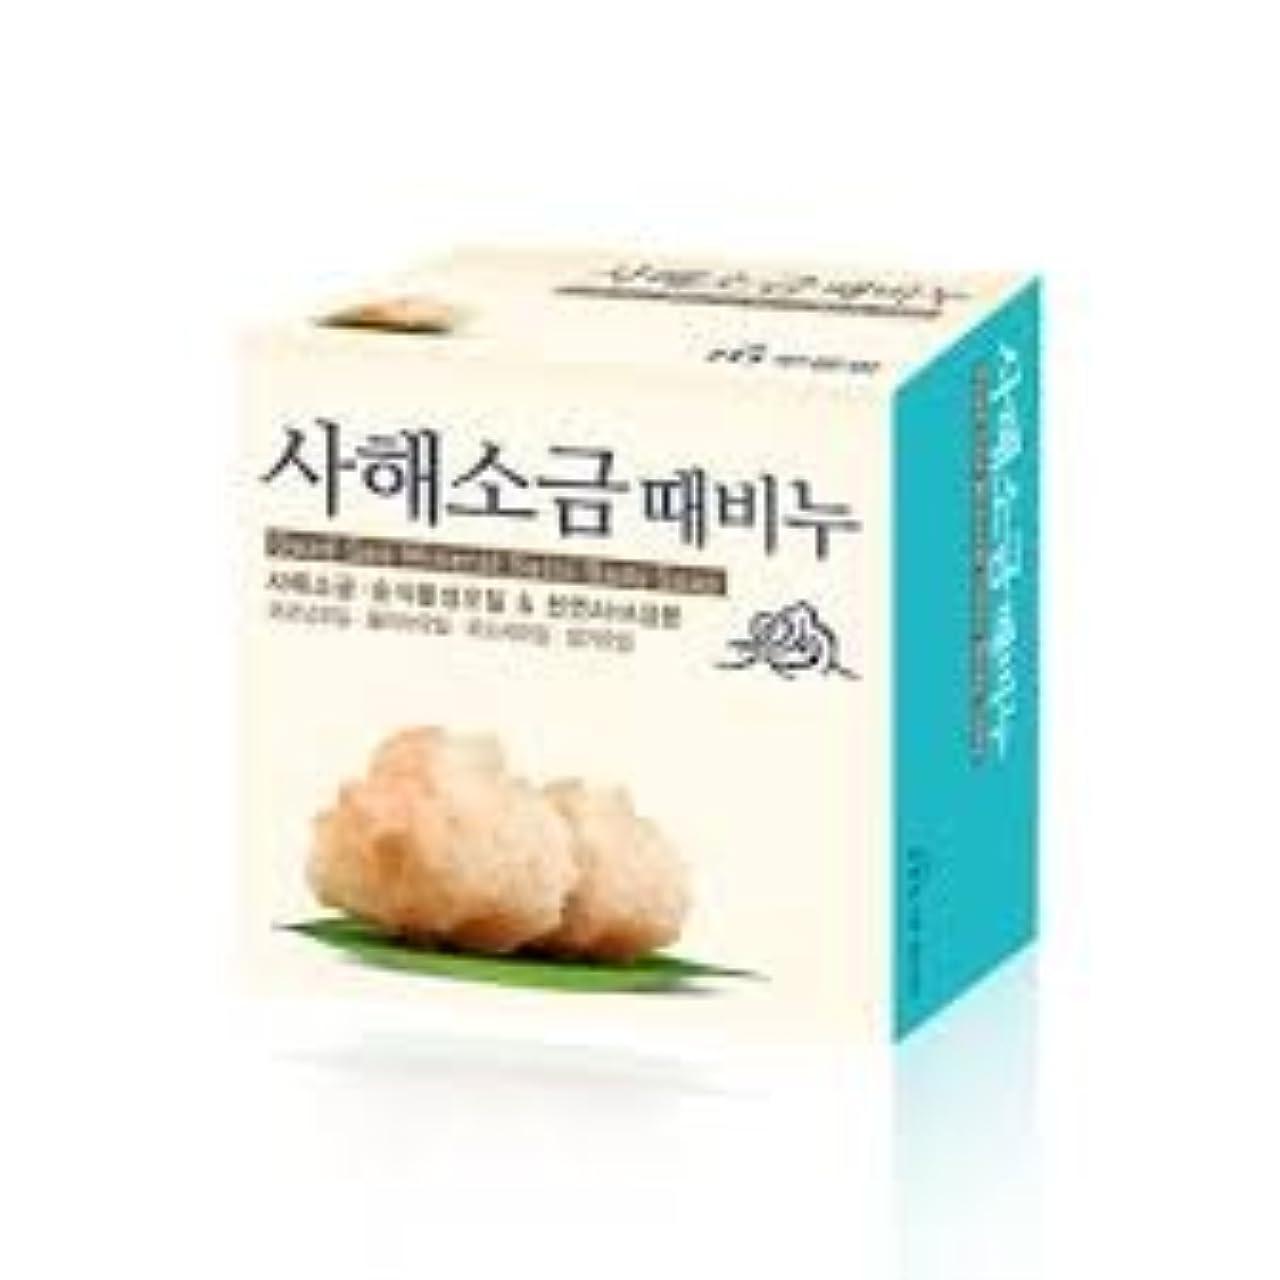 アライアンス方程式踊り子ムグンファ[MUKUNGHWA] 死海 塩 垢石鹸 100g/ Dead Sea Mineral Salts Body Soap